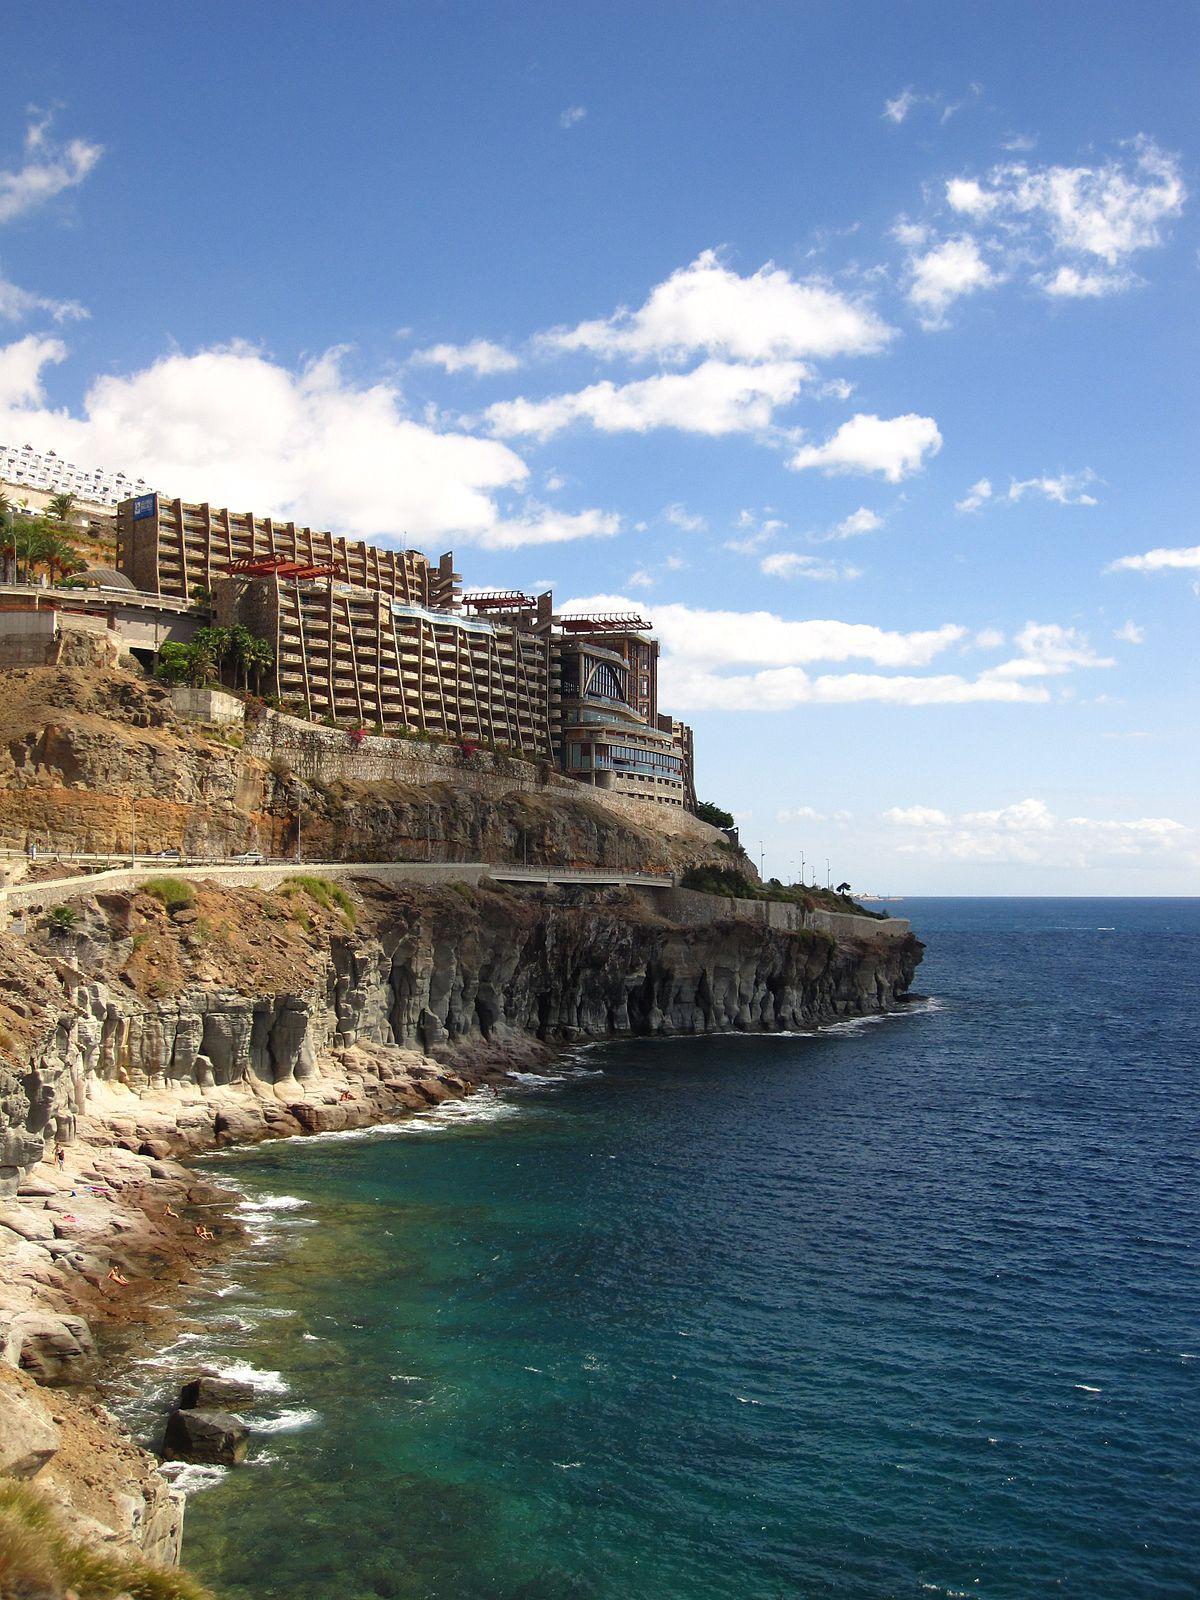 Puerto Rico de Gran Canaria - Wikipedia